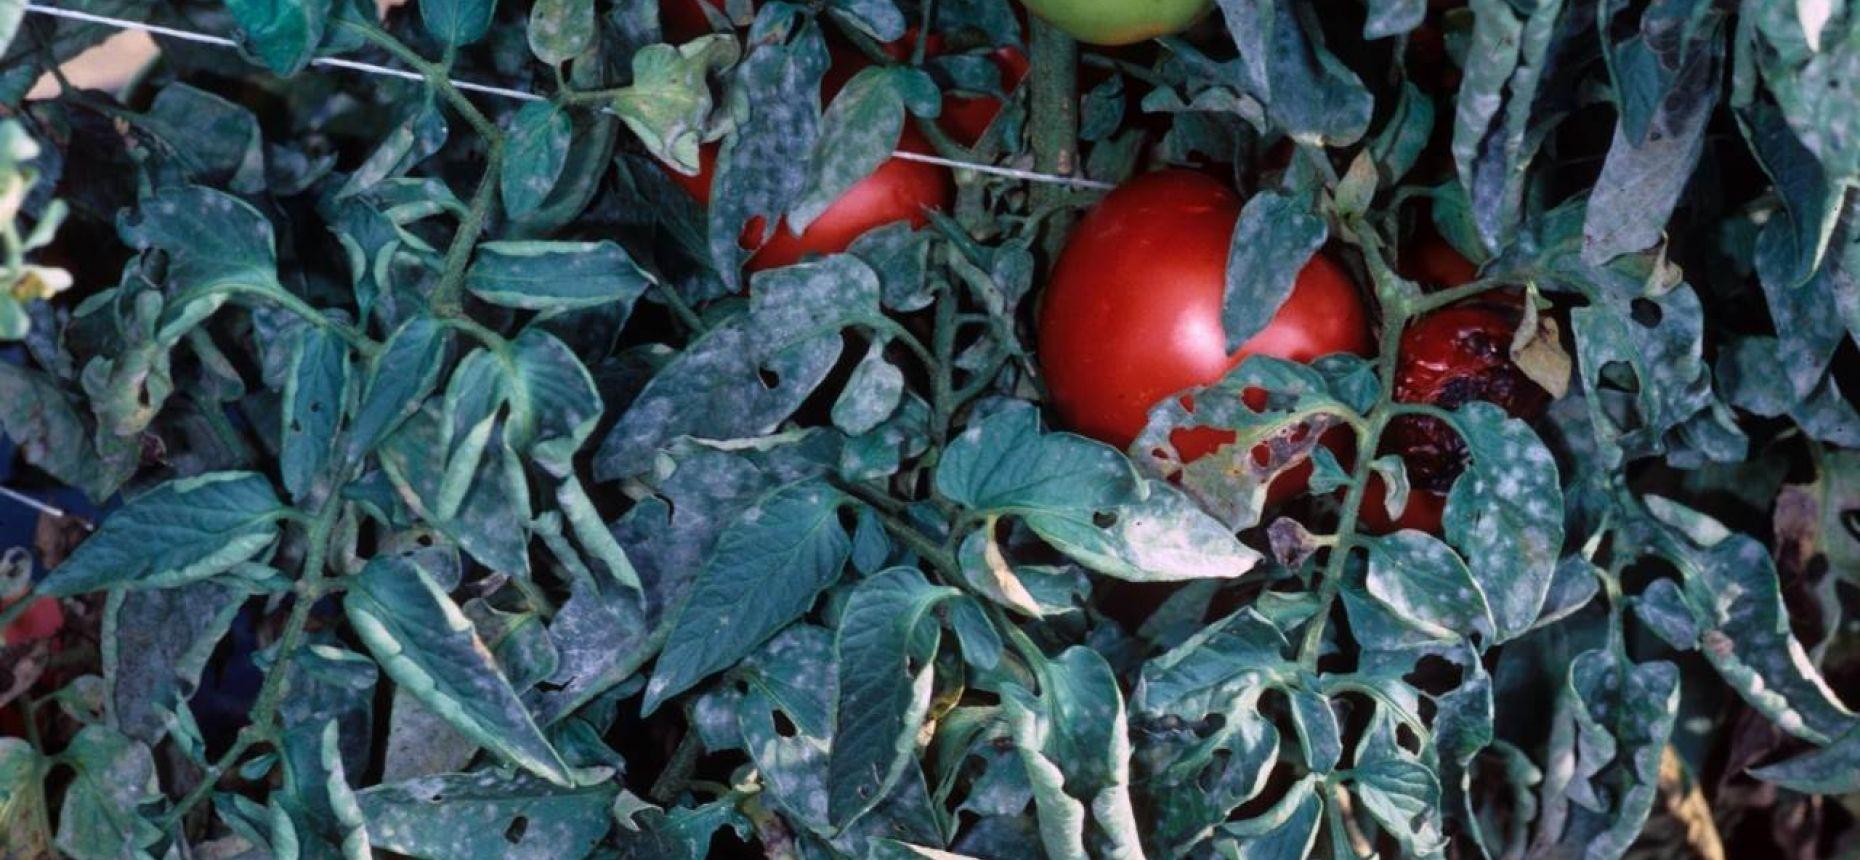 Мучнистая роса томатов - Erysiphe communis (Wallr.) f. sp.solani-lycopersici Jacz. и Leveillula taurica (Lev.) G. Arnaud